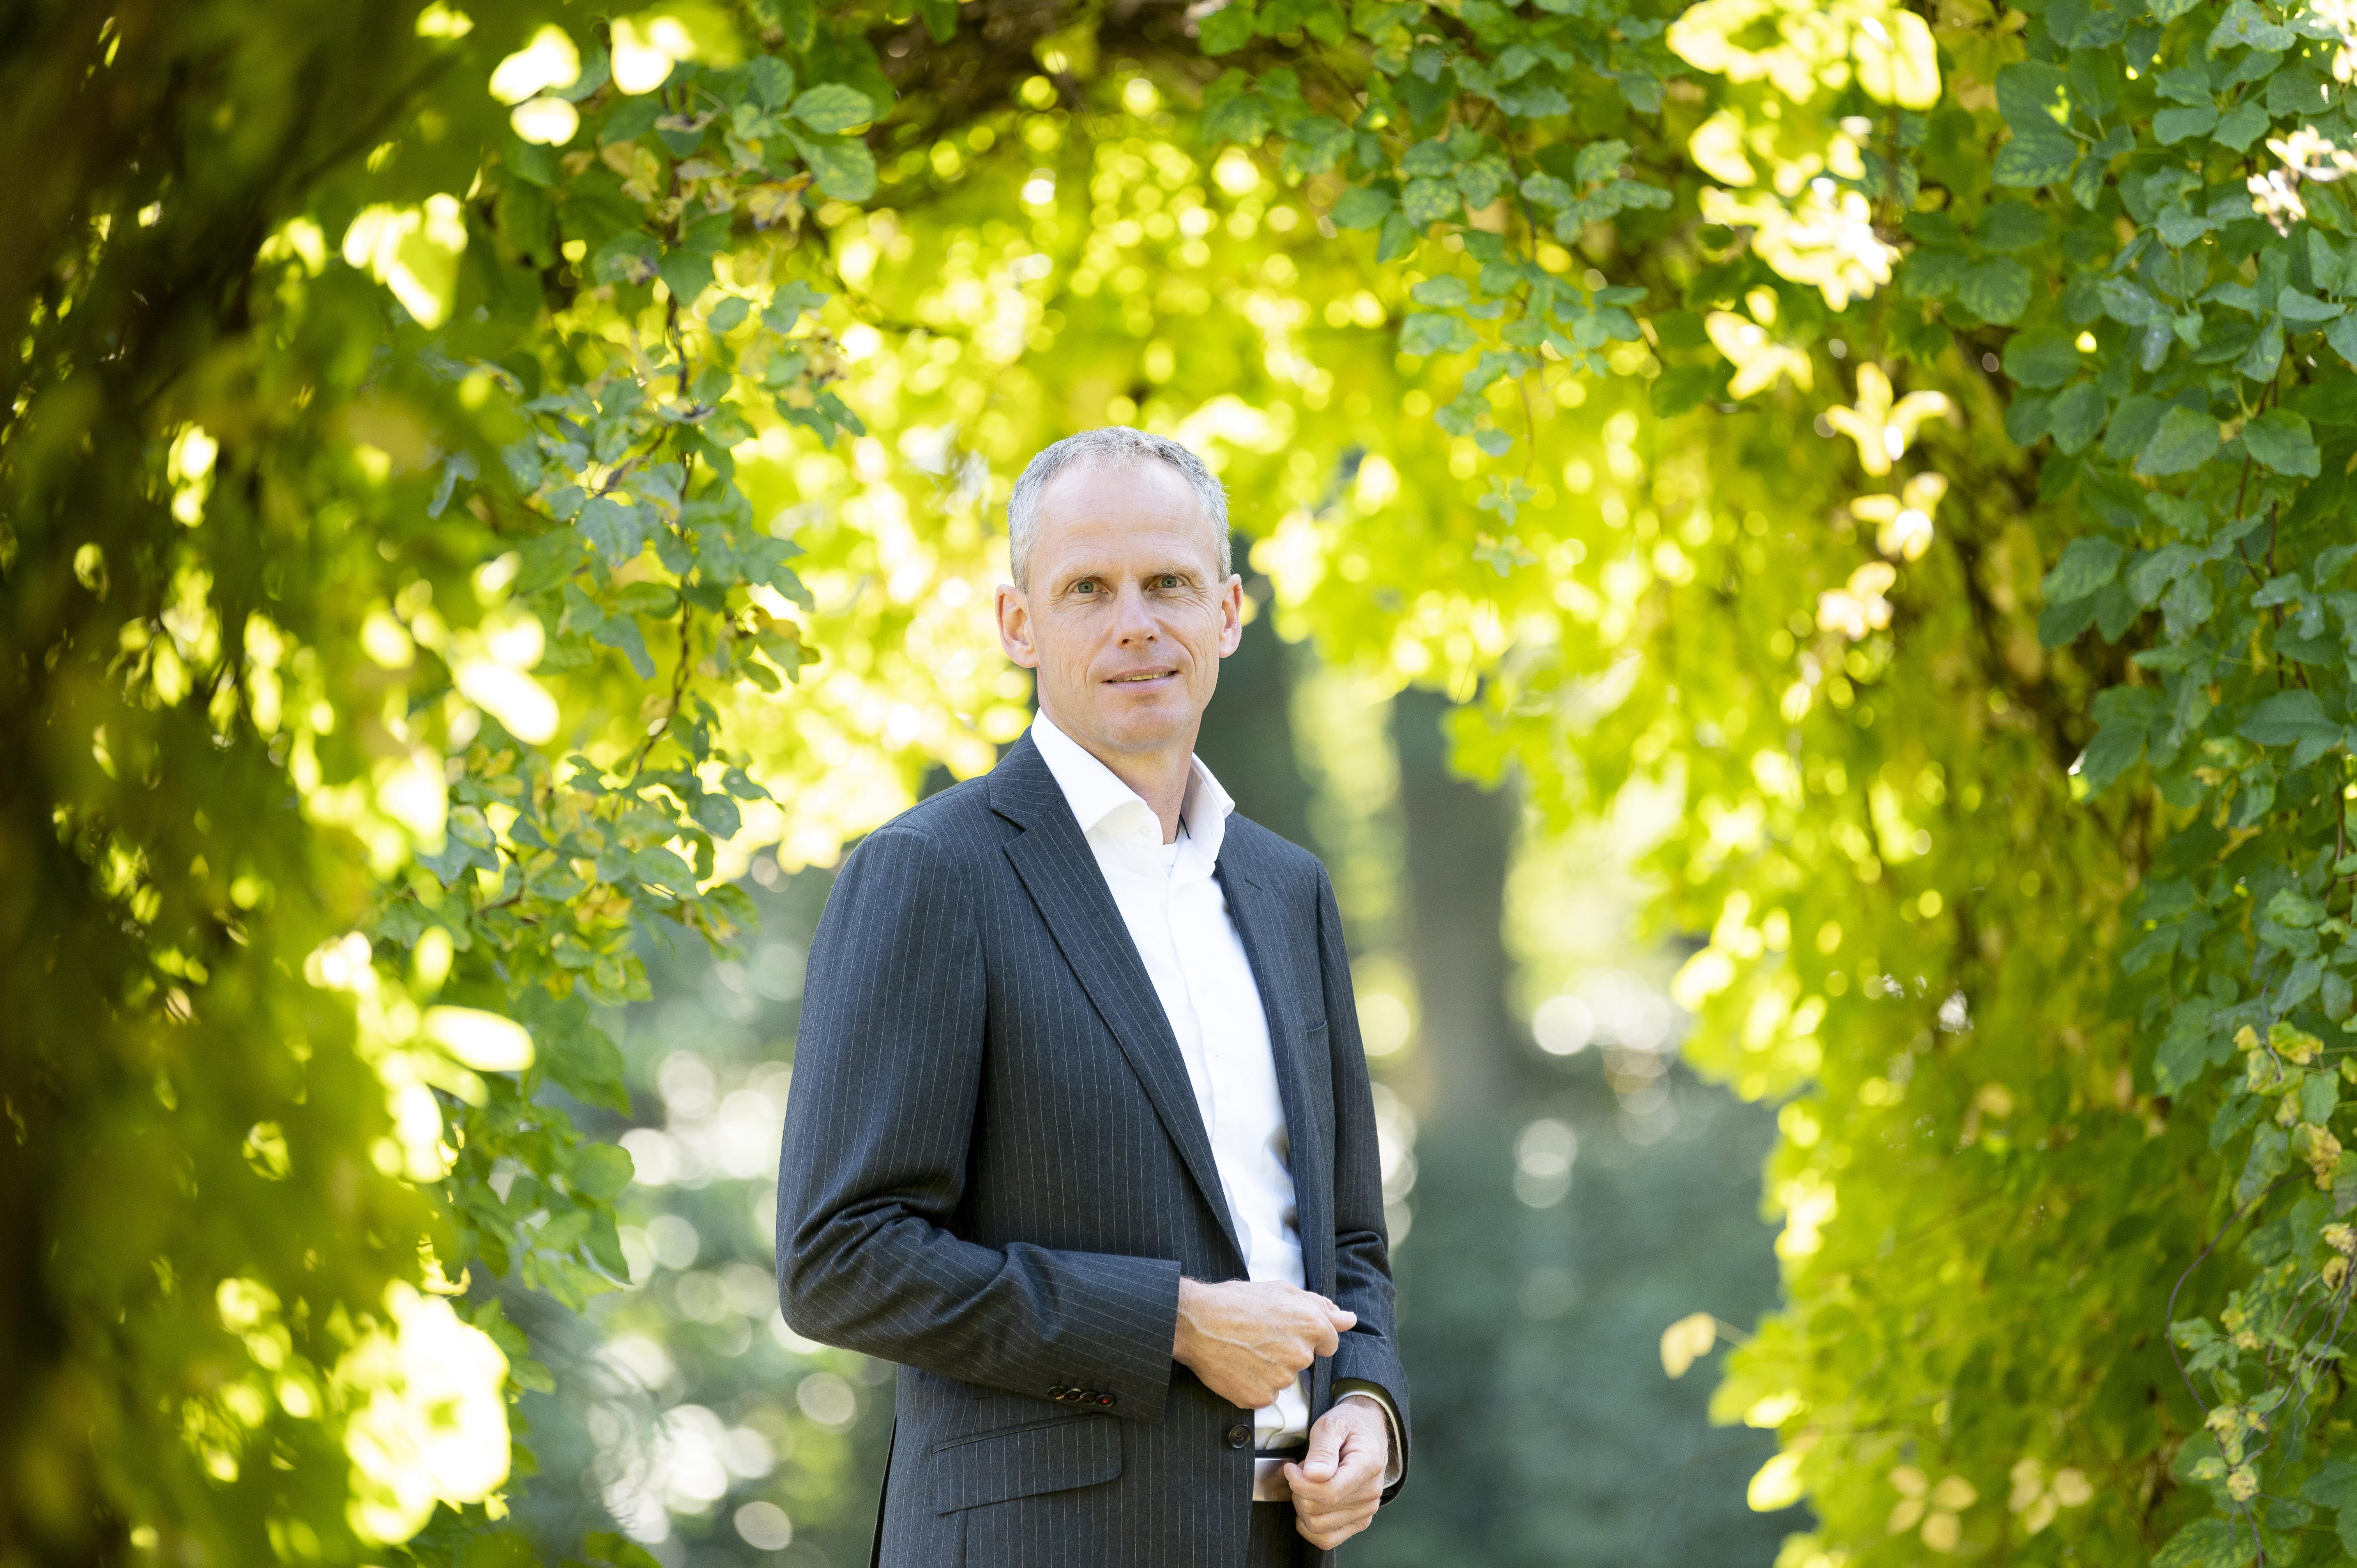 Directeur Bart Siemerink ziet Keukenhof weer opbloeien: 'Niet minder populair en bloemen niet minder mooi'